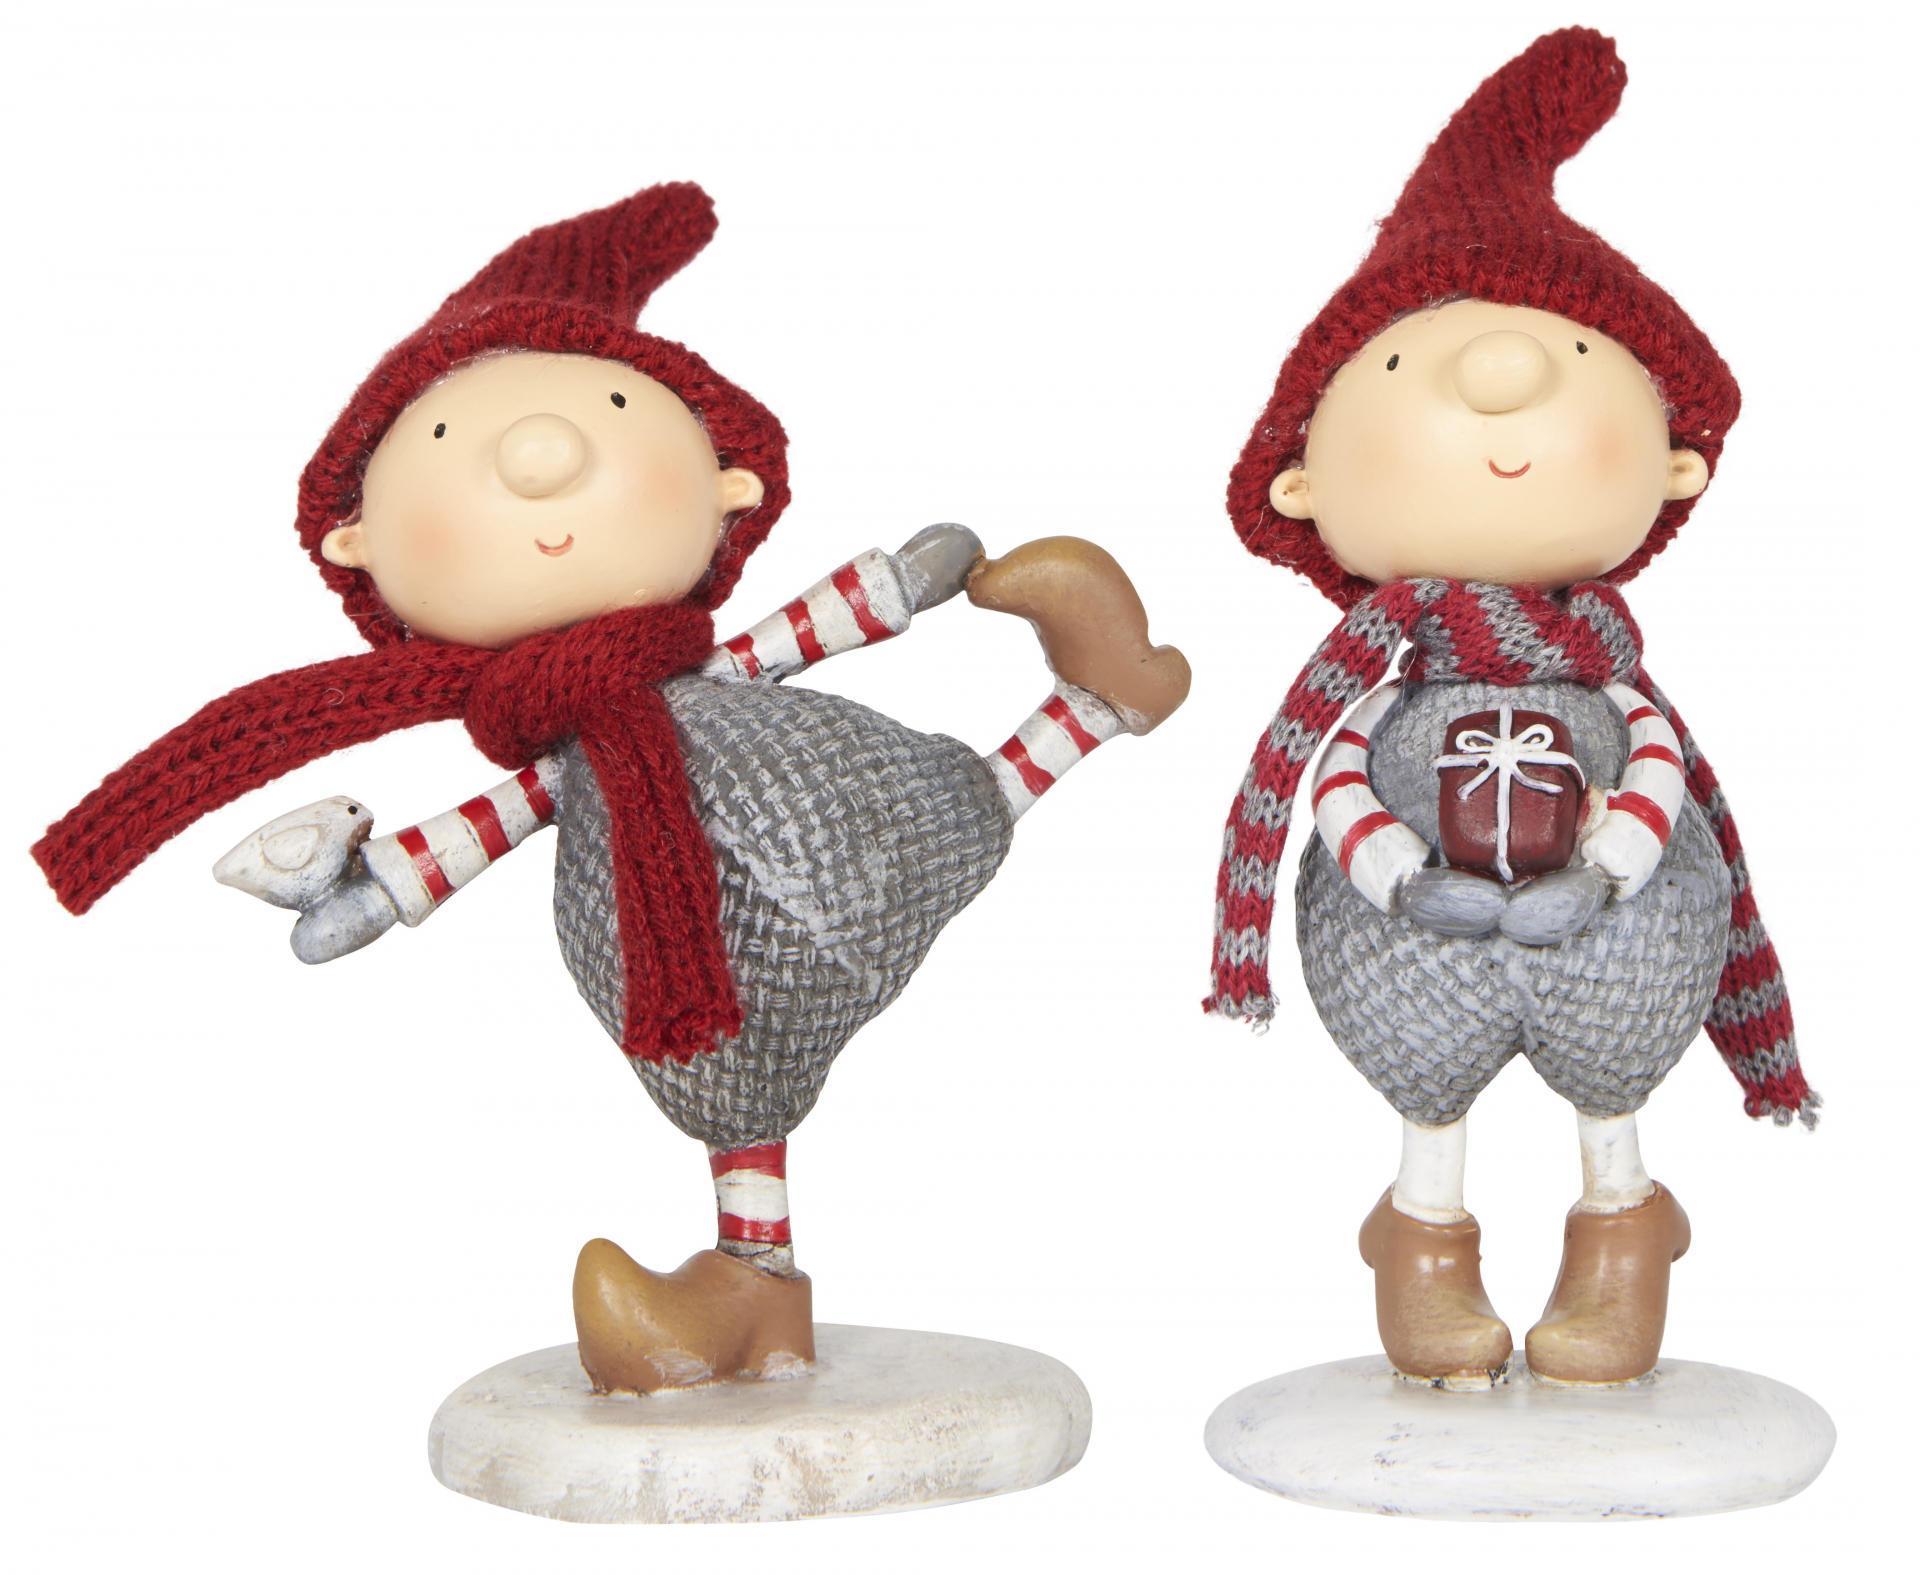 IB LAURSEN Vánoční figurka Santa's helper chlapeček Typ A (s ptáčkem), červená barva, šedá barva, pryskyřice